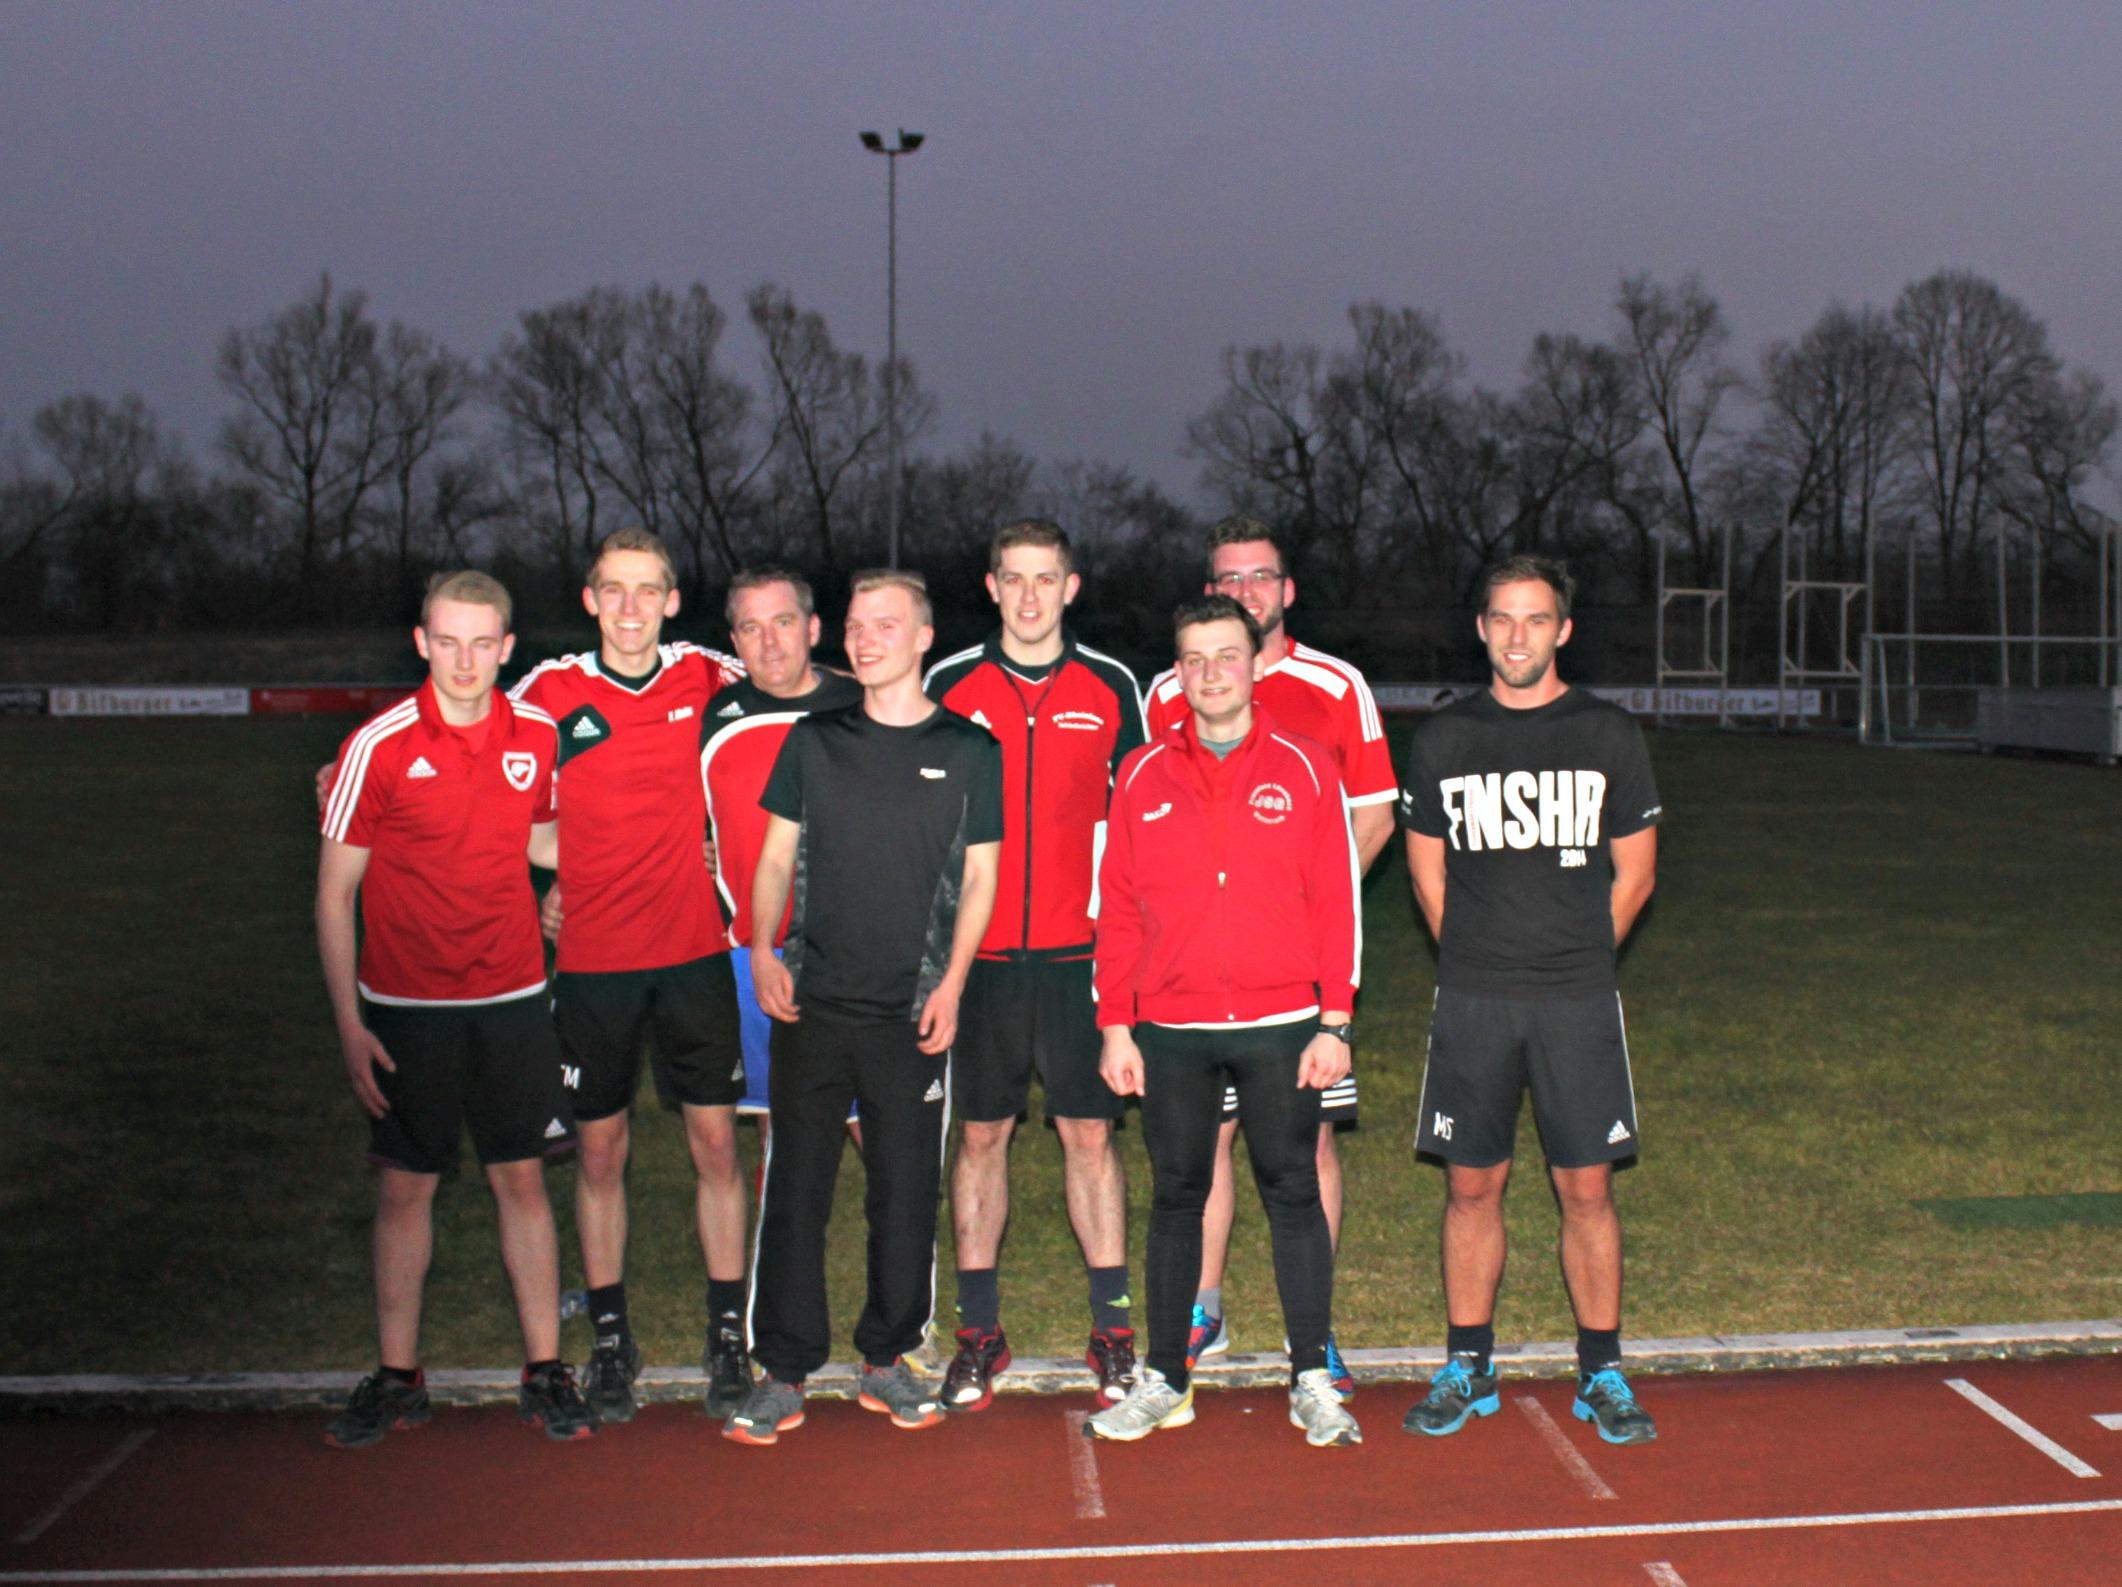 Ein Teil der überkreislichen Schiedsrichter im Rahmen der diesjährigen Frühjahrsfortbildung (März 2016)